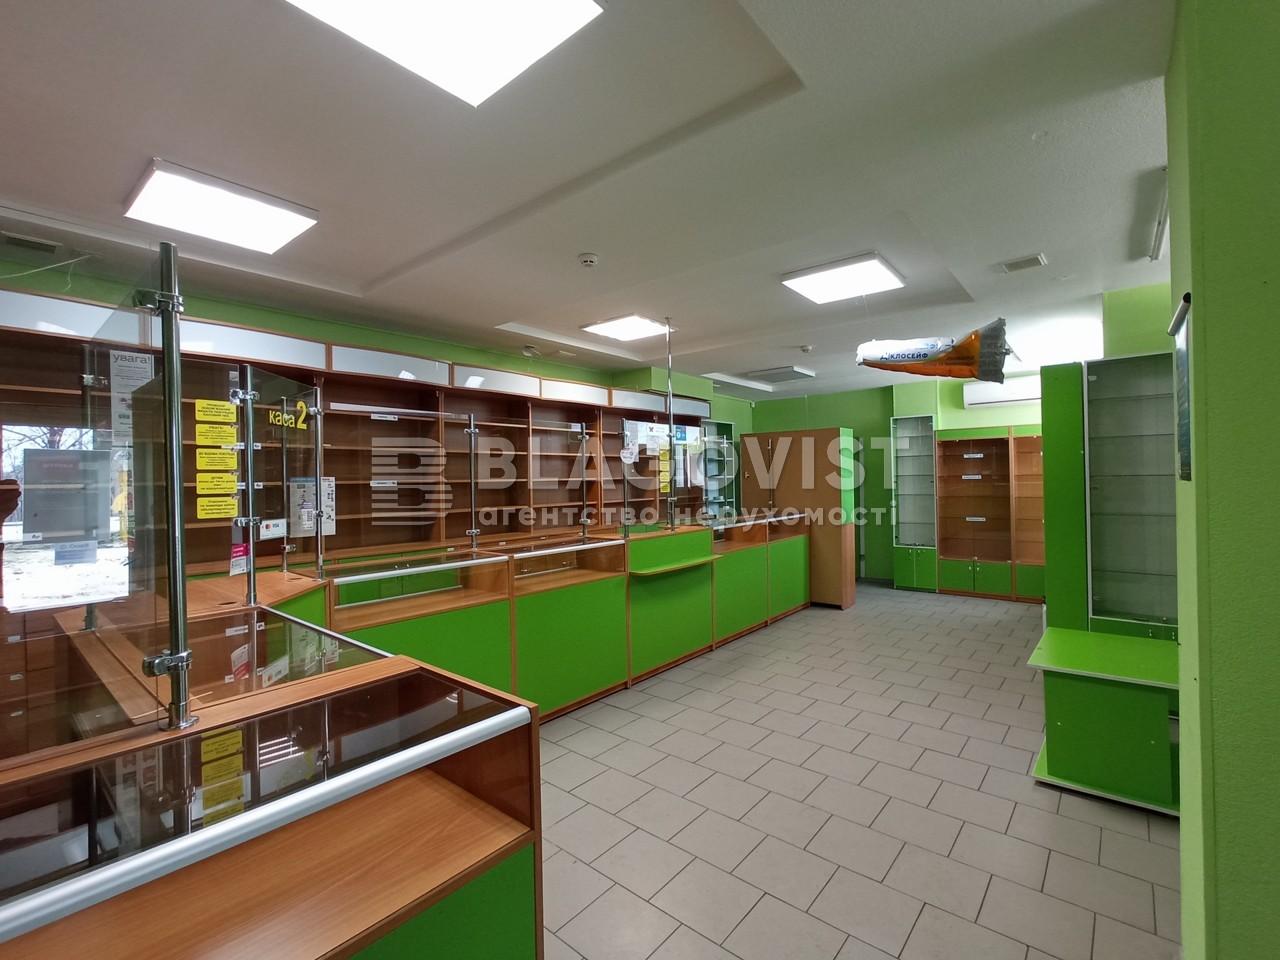 Нежилое помещение, Волгоградская, Киев, E-40858 - Фото 4